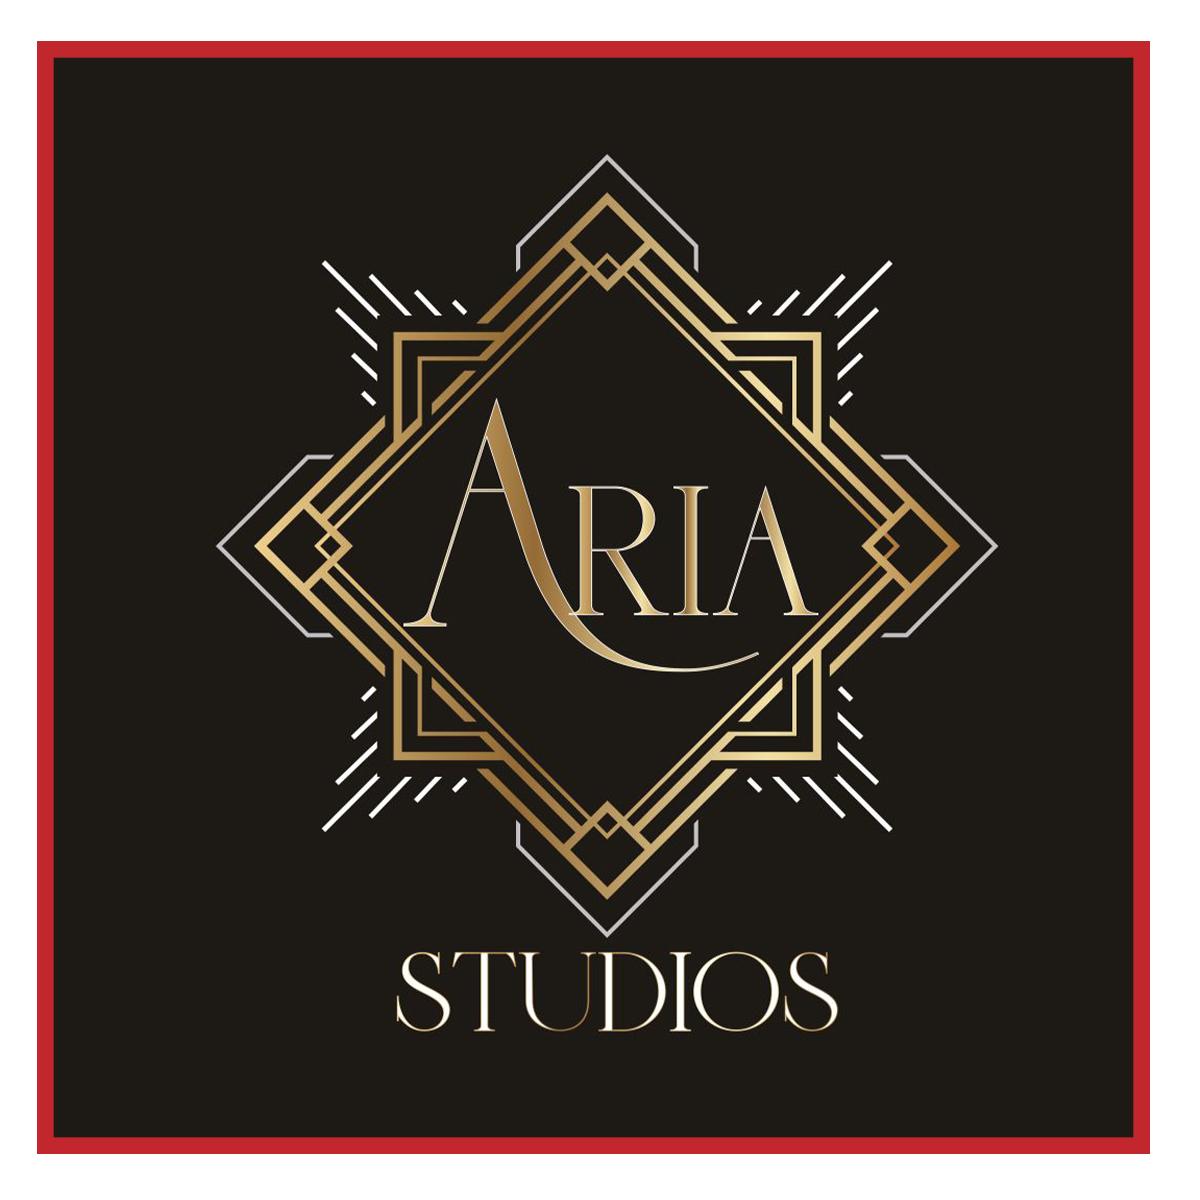 Aria Studios